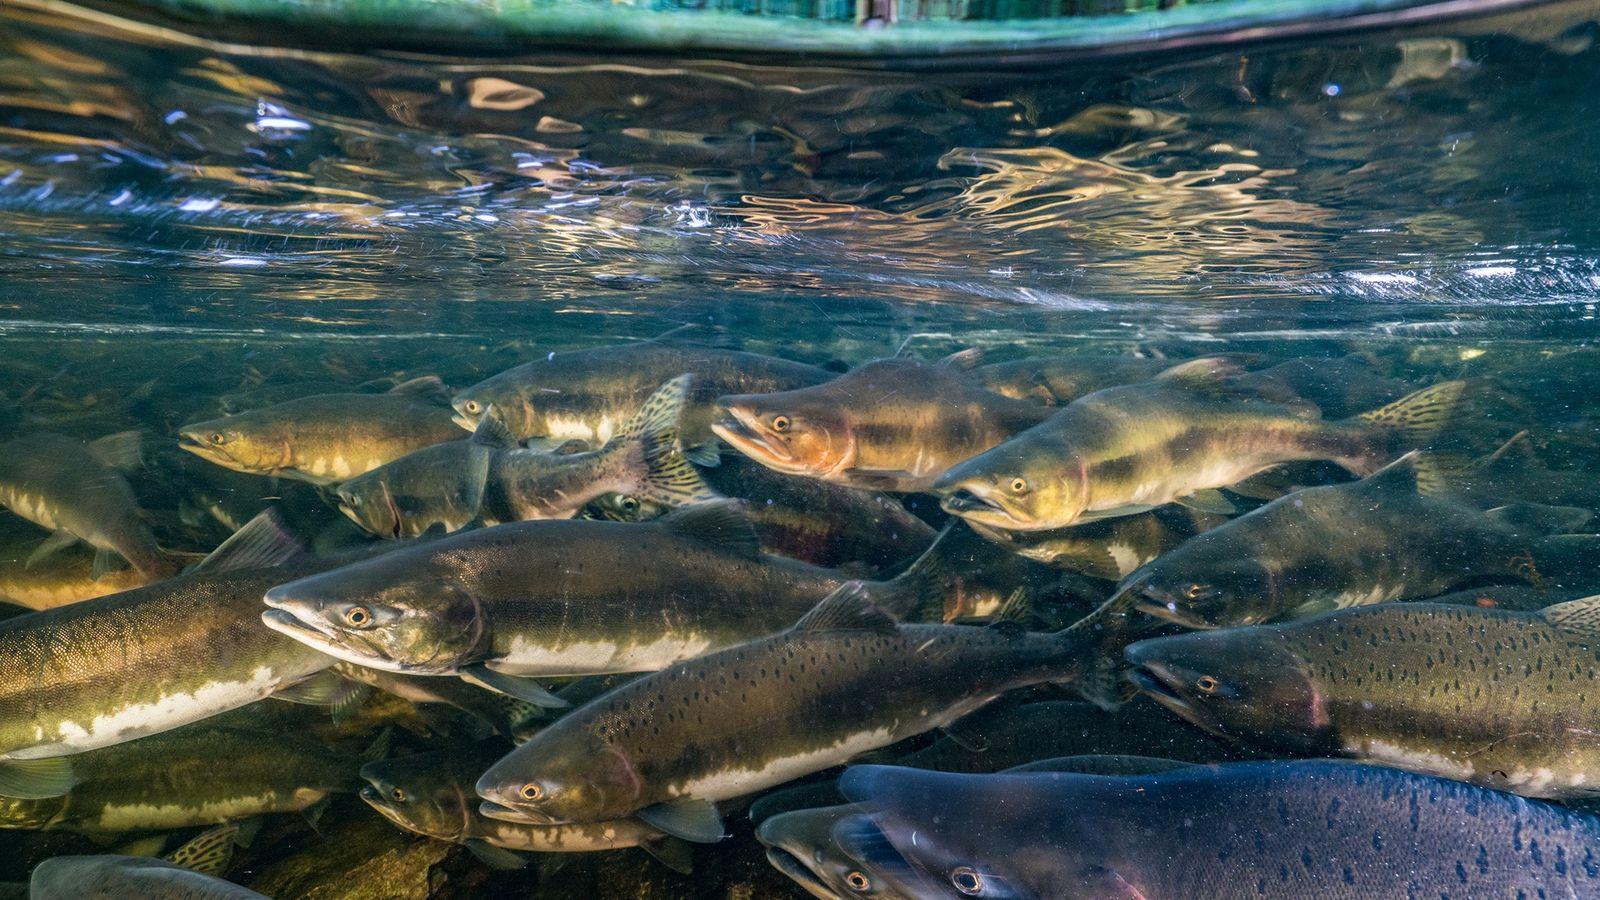 Le saumon royal (Oncorhynchus tshawytscha), tout comme d'autres poissons migrateurs, est menacé par la surpêche, la ...